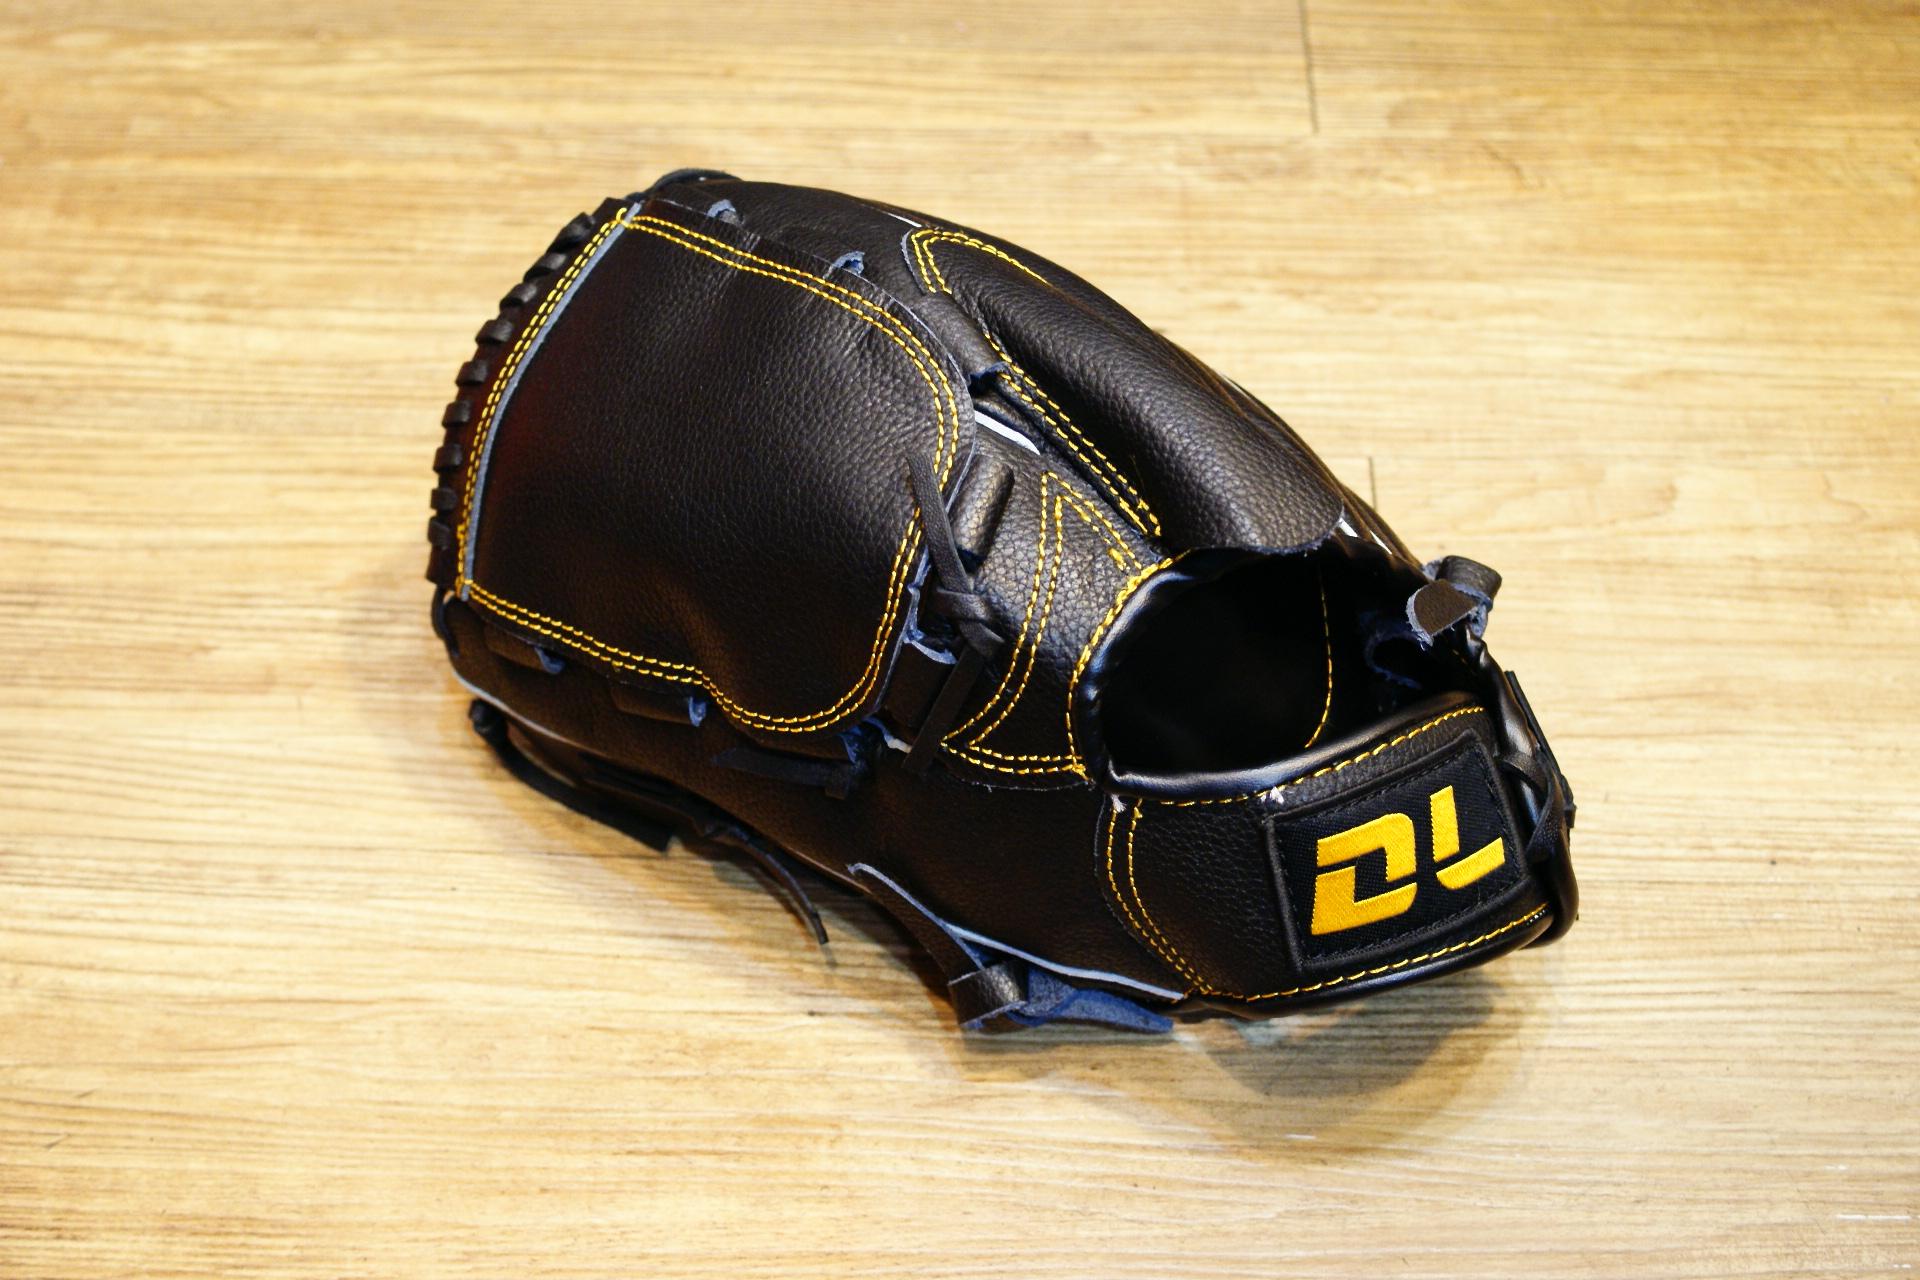 〈棒球世界〉DL最新款平價的牛皮棒壘球手套 投手用 送手套袋 不景氣也要全民打棒球 反手